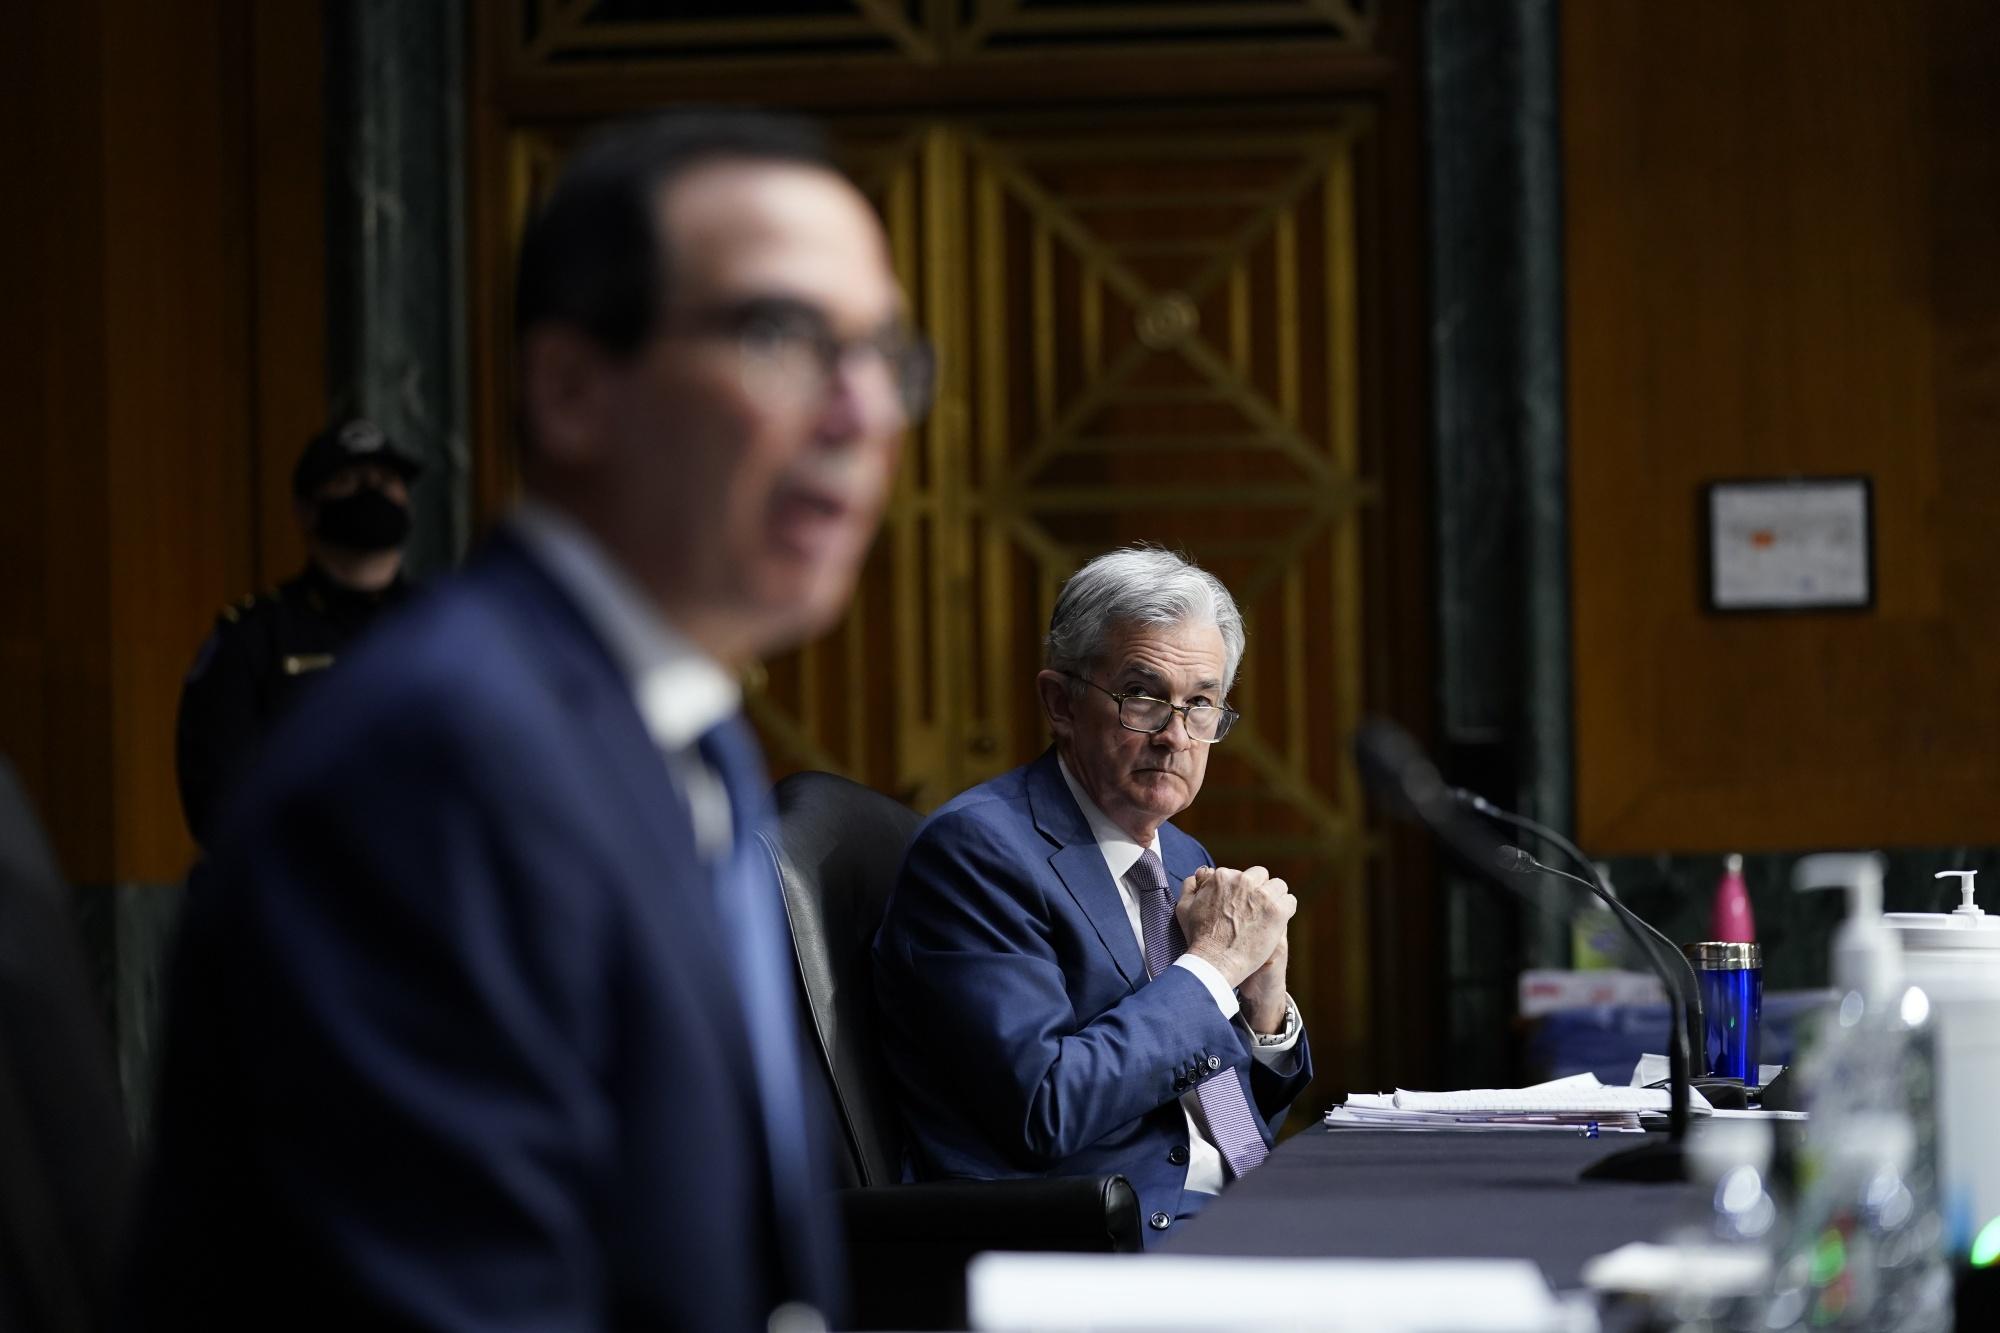 PowellとMnuchinが上院銀行委員会の前証言